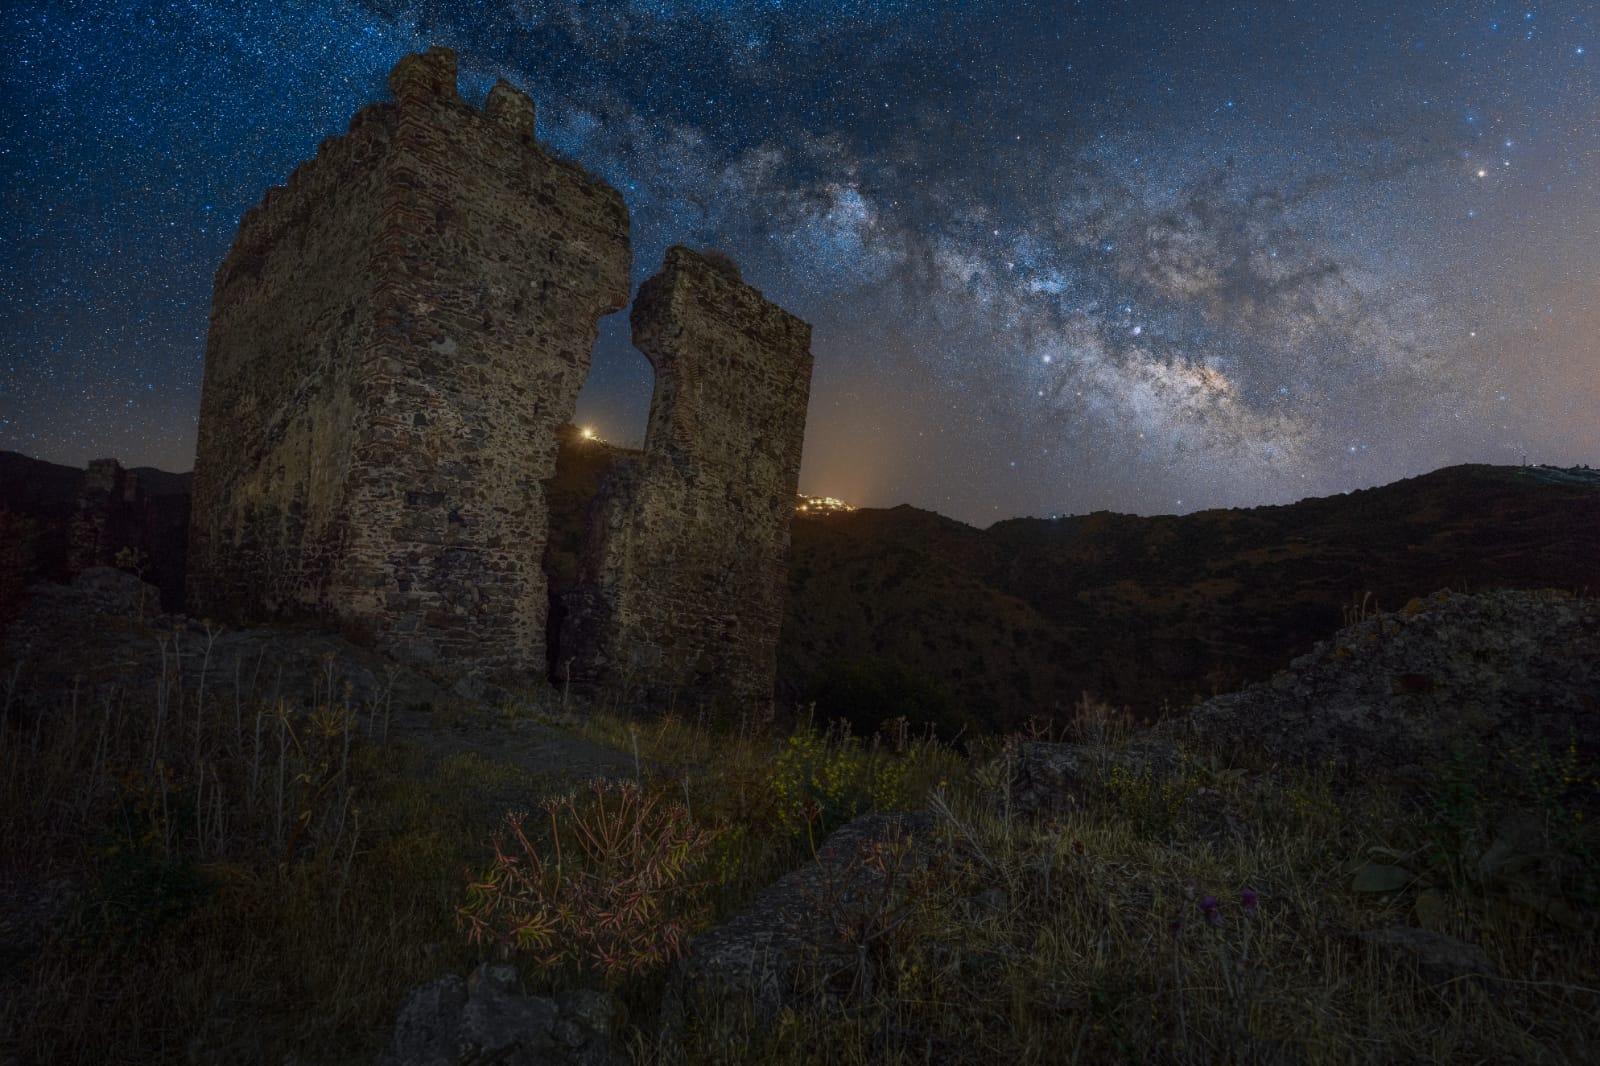 Castello Ruffo di nottejpg